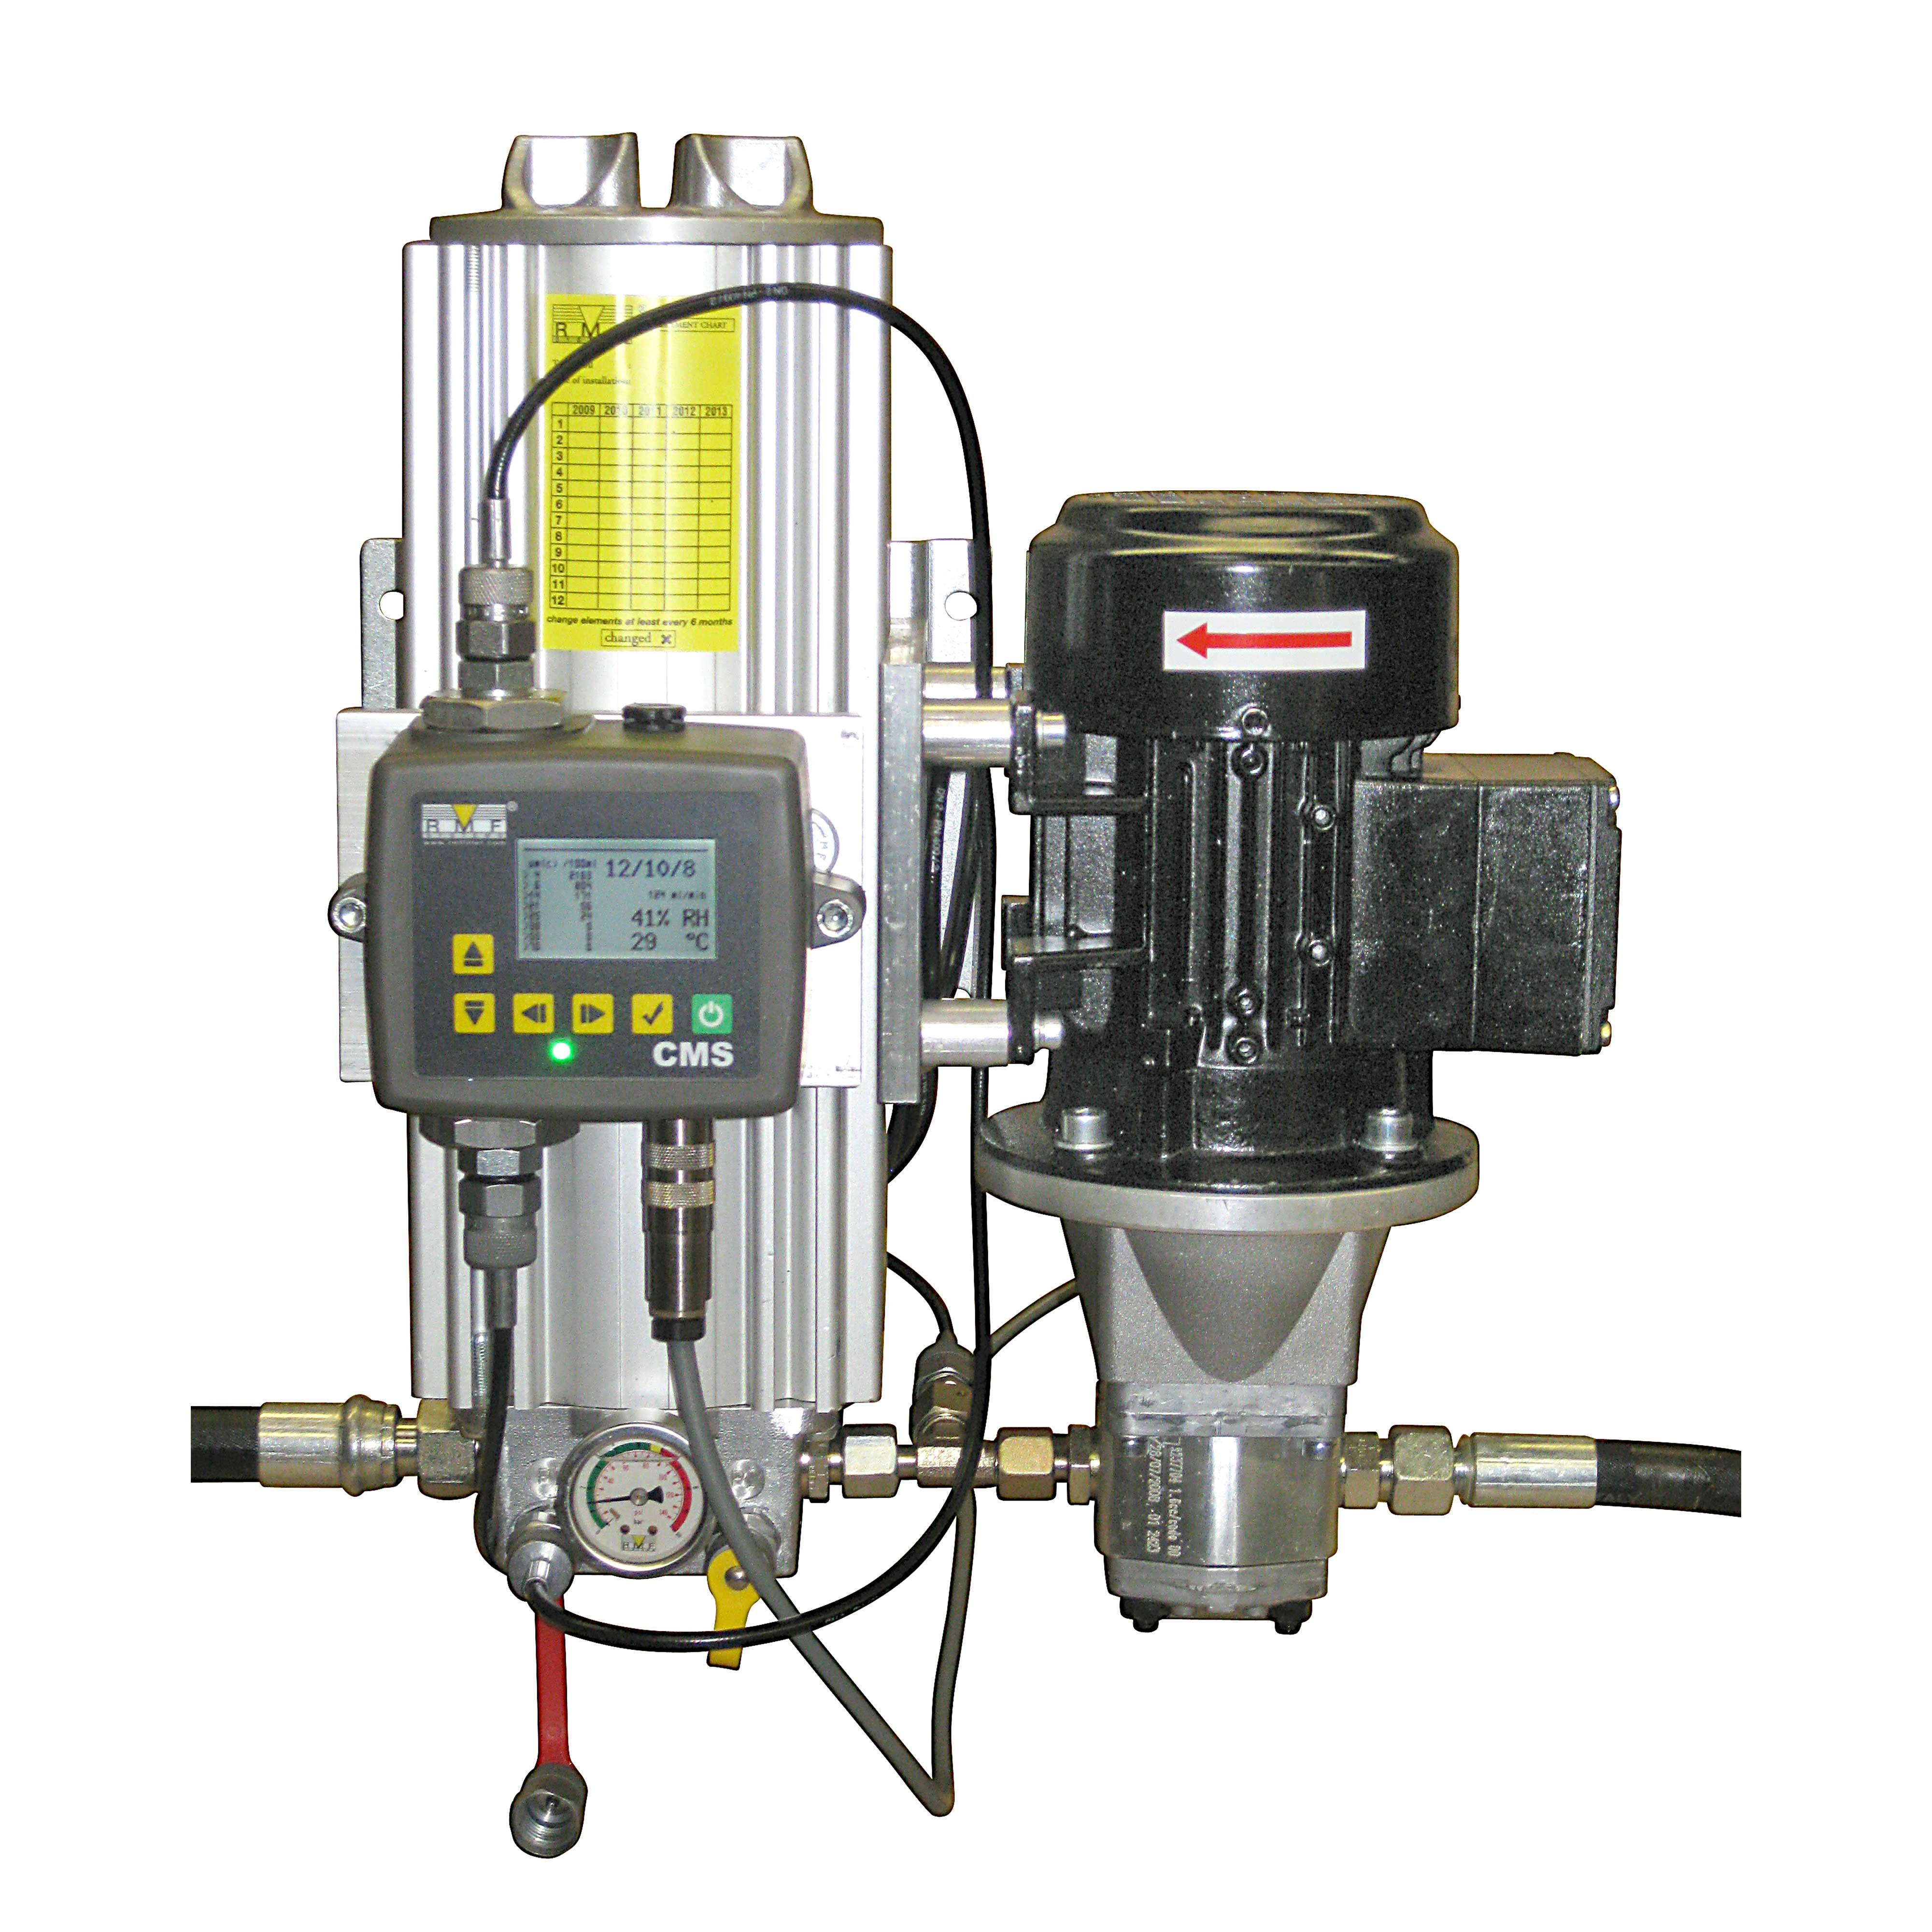 Sirkulasjonsfilter med partikkelteller for vedlikehold av hydraulikk olje, varenummer OLUS2B30HB010000